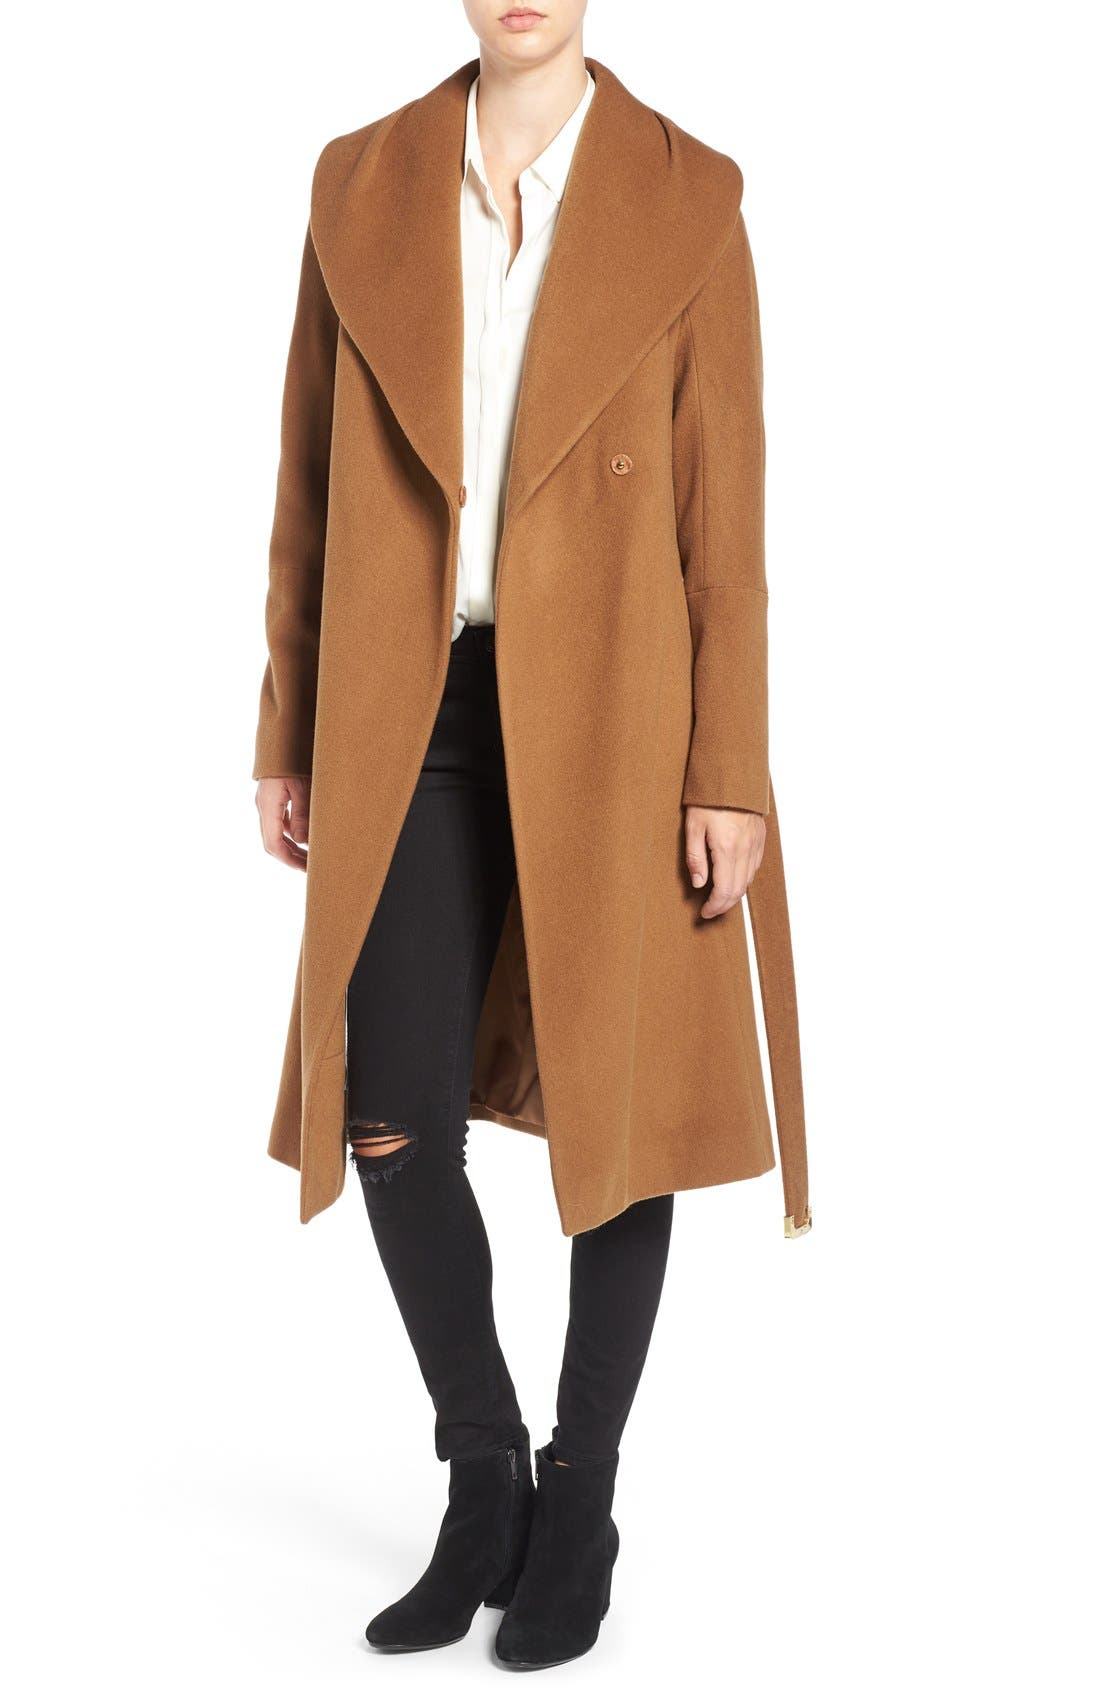 Alternate Image 1 Selected - Diane von Furstenberg Shawl Collar Wool Blend Long Wrap Coat